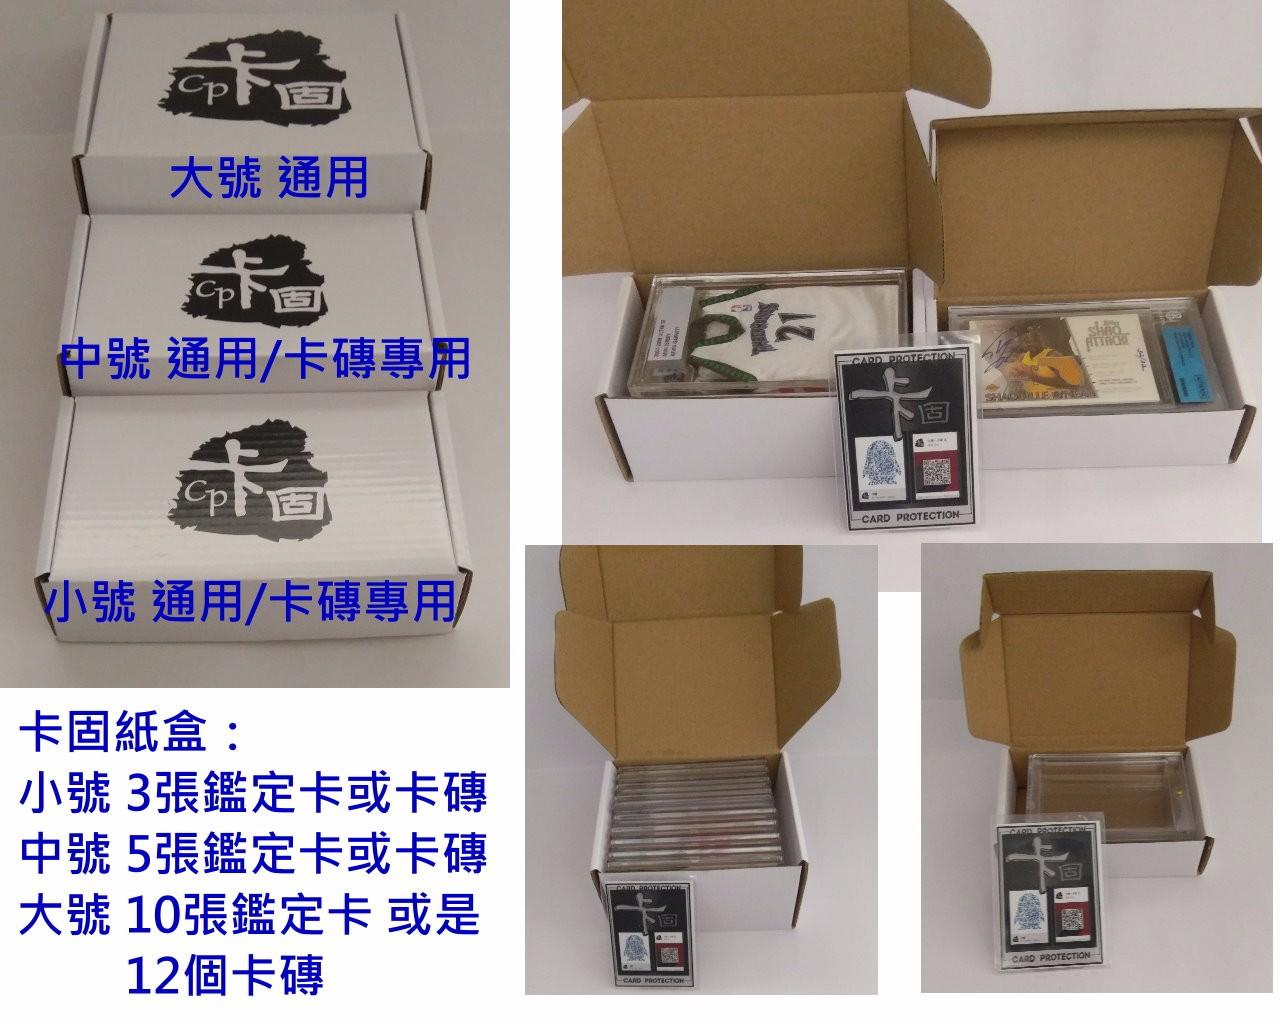 【卡固】CPBPMB 中号通用盒 可装5-6个卡固或BGS